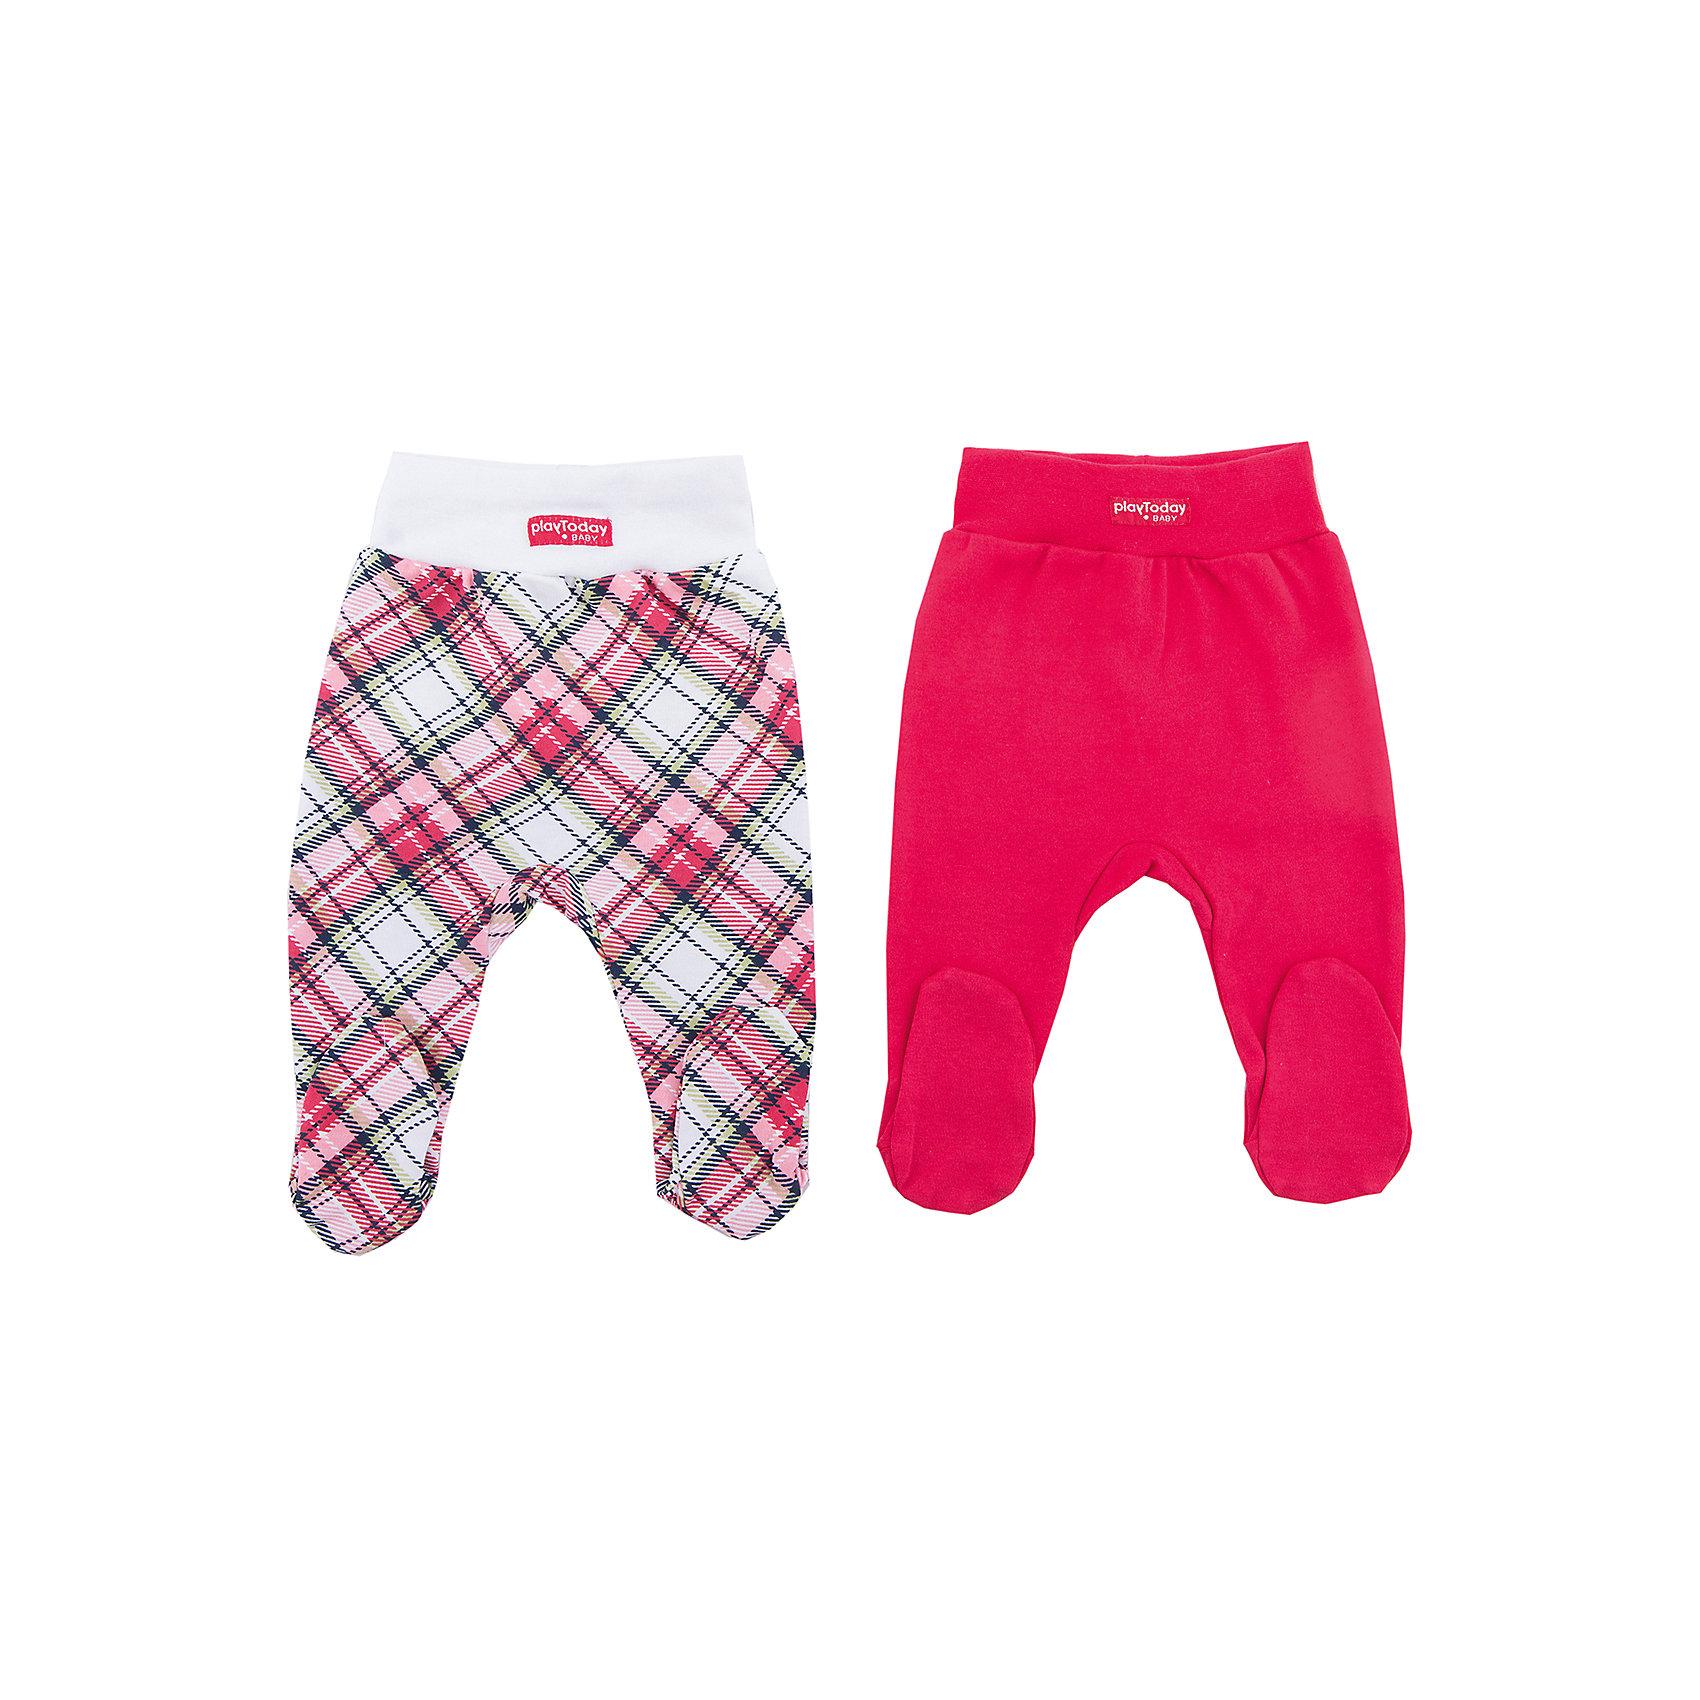 Ползунки, 2 шт PlayToday для девочкиПолзунки и штанишки<br>Ползунки PlayToday для девочки<br>Удобные ползунки - штанишки дополнят гардероб ребенка. Модели на широких удобных резинках, не сдавливающих живот ребенка. Аккуратные швы не вызывают неприятных ощущений. Отлично подойдут и для домашнего использования, и для прогулок. Натуральная ткань приятна к телу и не вызывает раздражений нежной детской кожи.<br>Состав:<br>100% хлопок<br><br>Ширина мм: 157<br>Глубина мм: 13<br>Высота мм: 119<br>Вес г: 200<br>Цвет: белый<br>Возраст от месяцев: 2<br>Возраст до месяцев: 5<br>Пол: Женский<br>Возраст: Детский<br>Размер: 62,56,74,68<br>SKU: 7107307